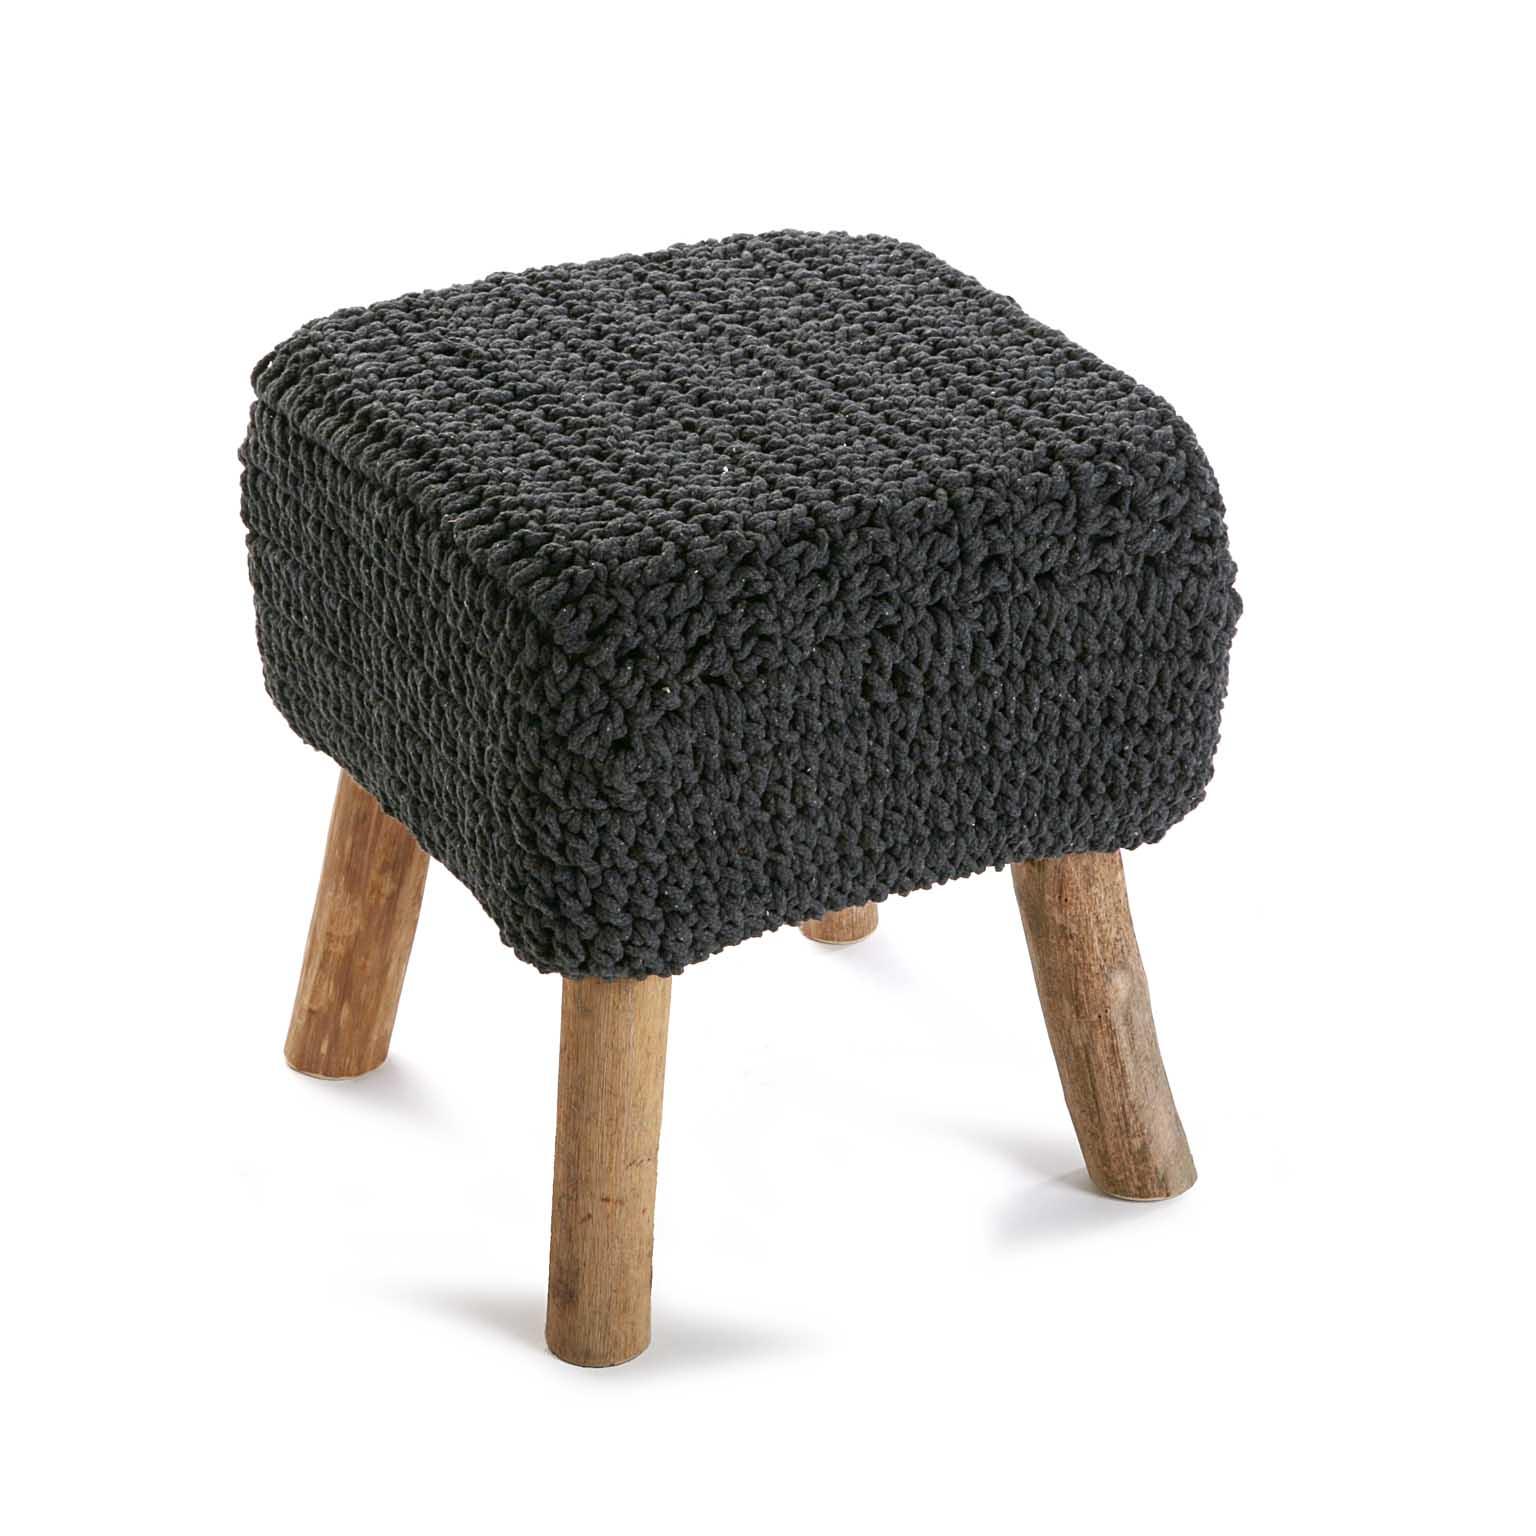 premier taux da013 77e64 Tabouret pouf carré assise en maille tissu gris et pieds bois 35xH40cm